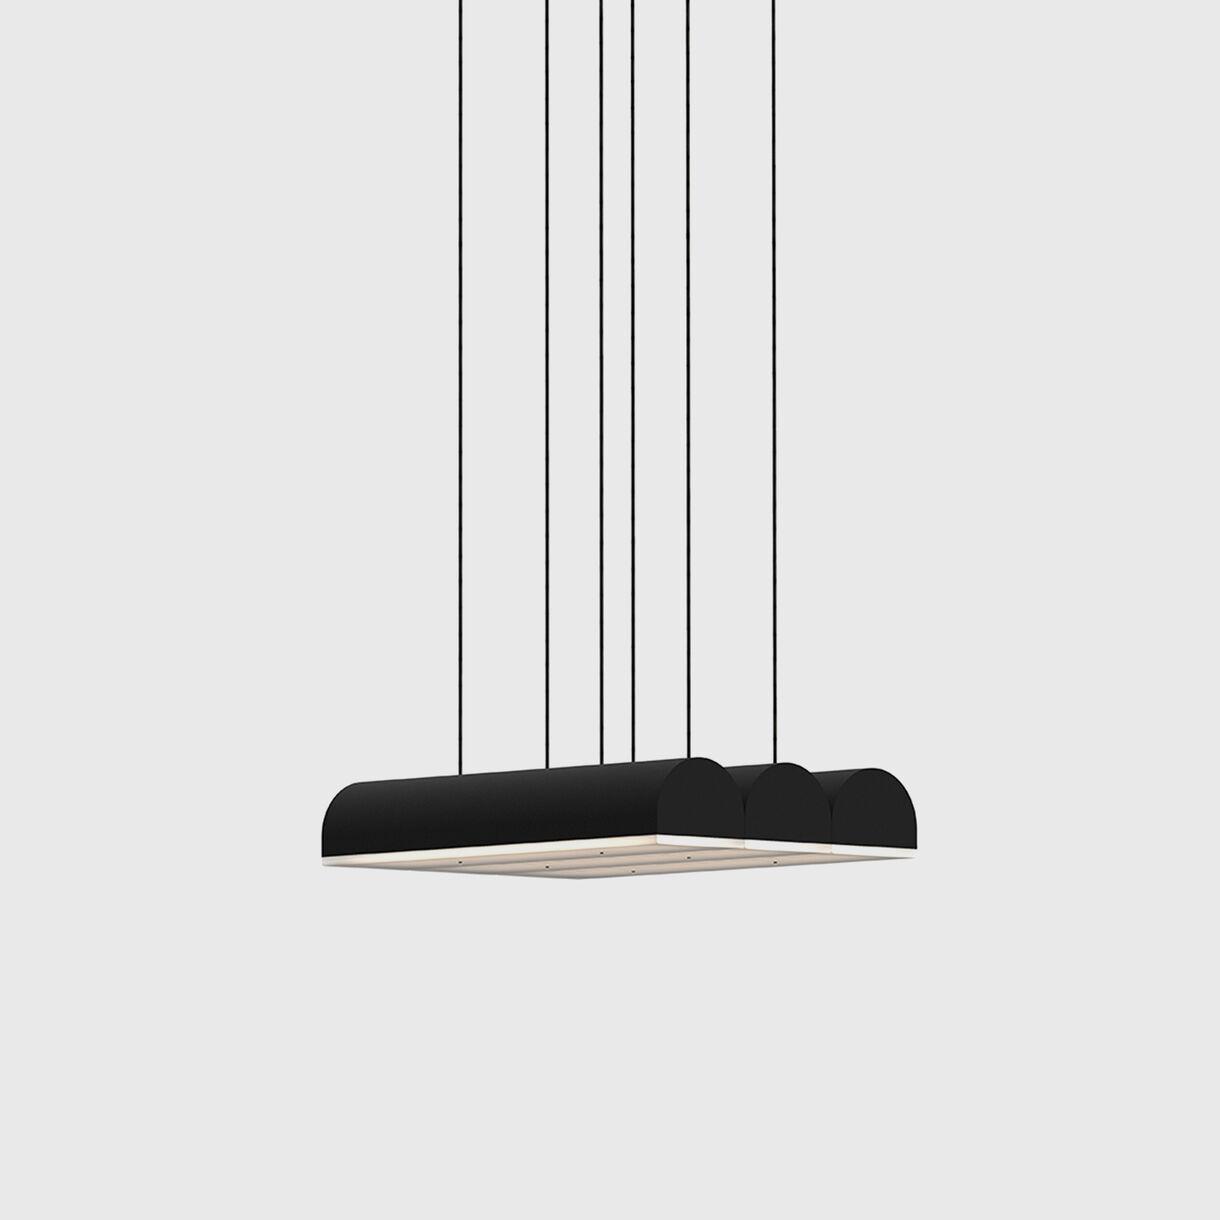 Hutchison 03 Pendant Lamp, Black